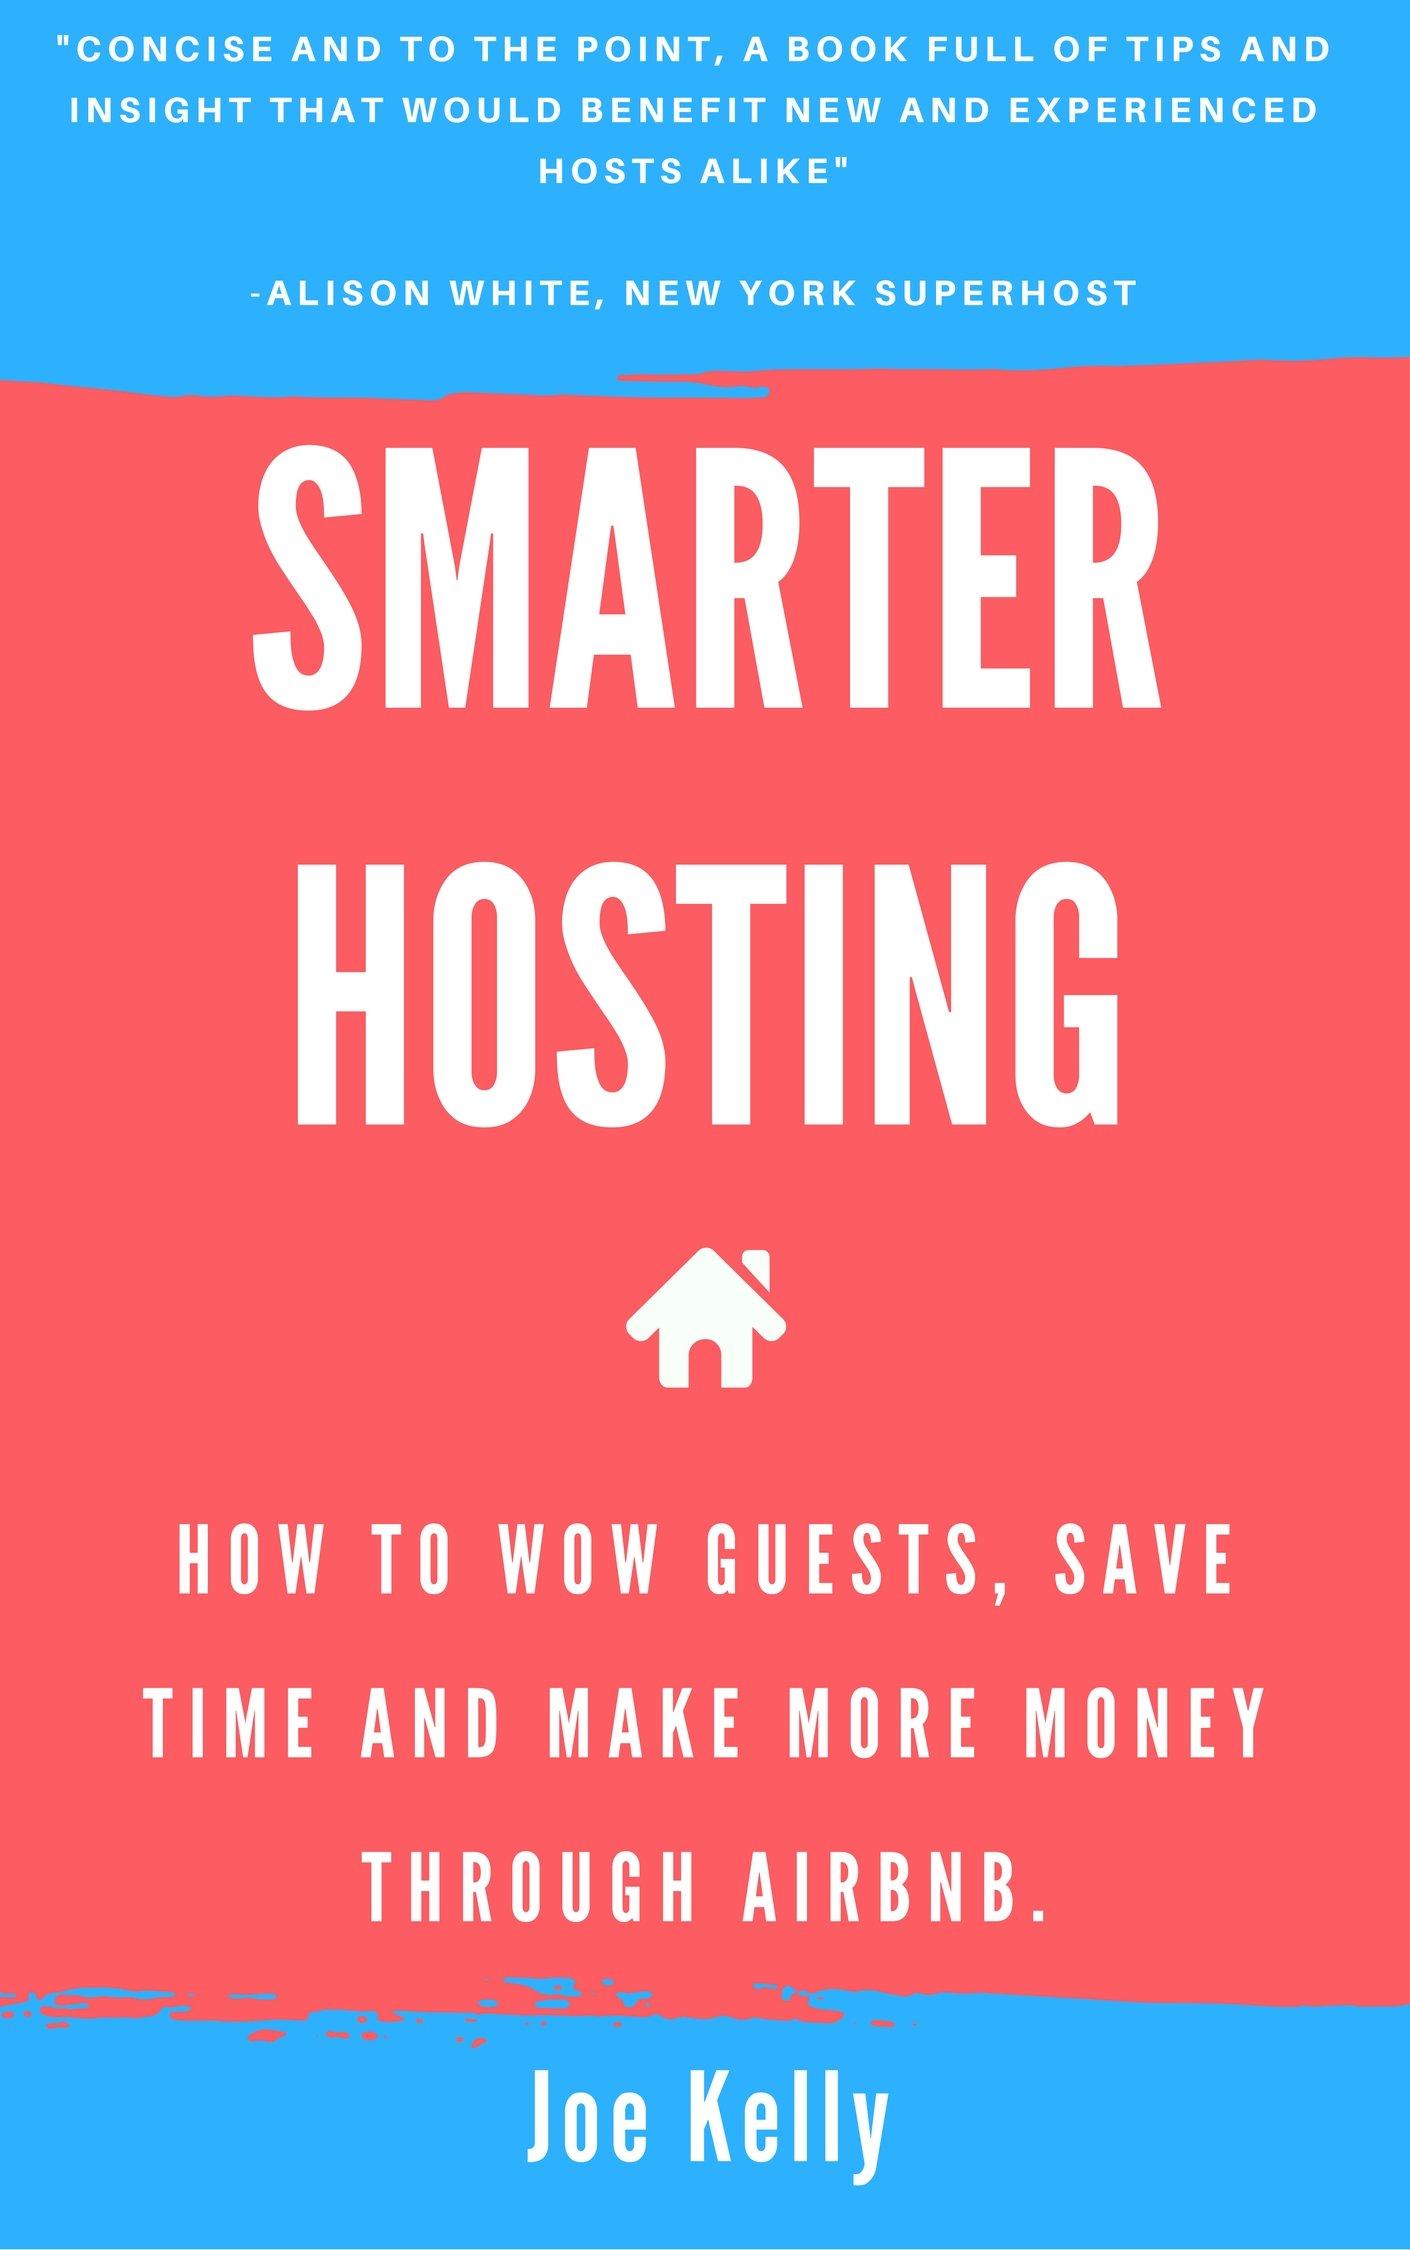 Smarter Hosting